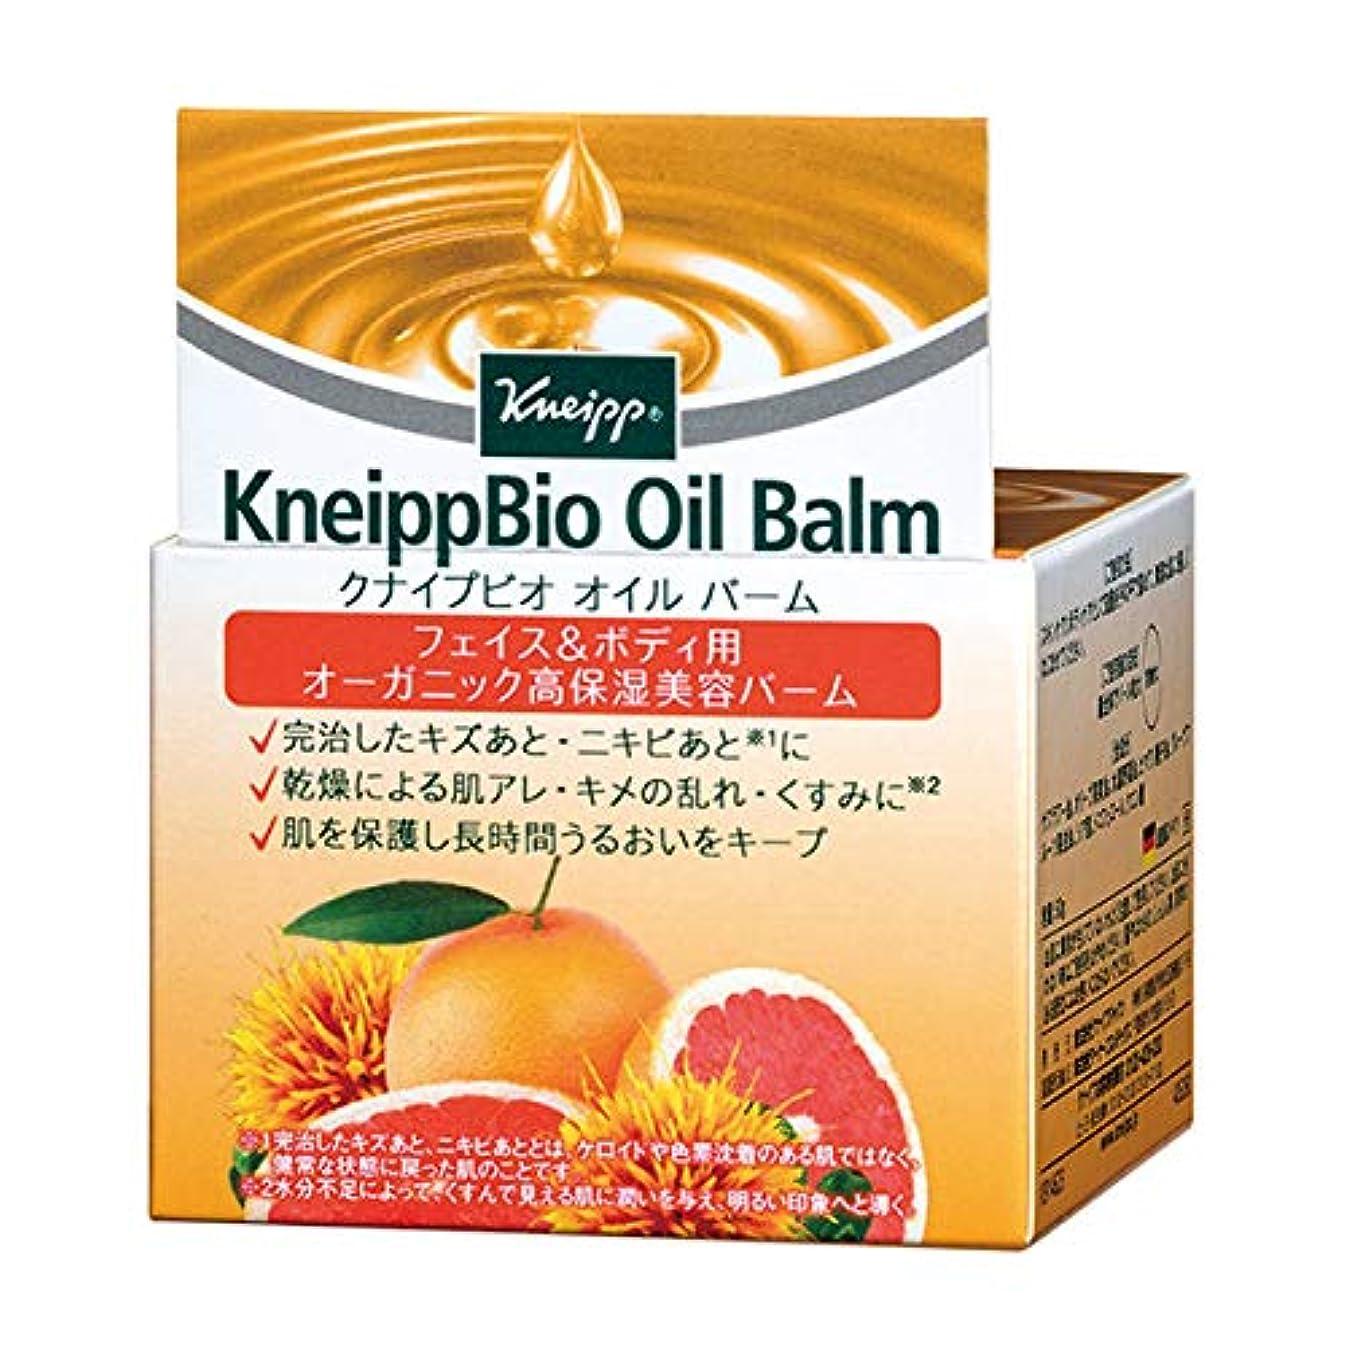 おとこ啓示奨学金クナイプ(Kneipp) クナイプビオ オイル バーム 50g 美容液